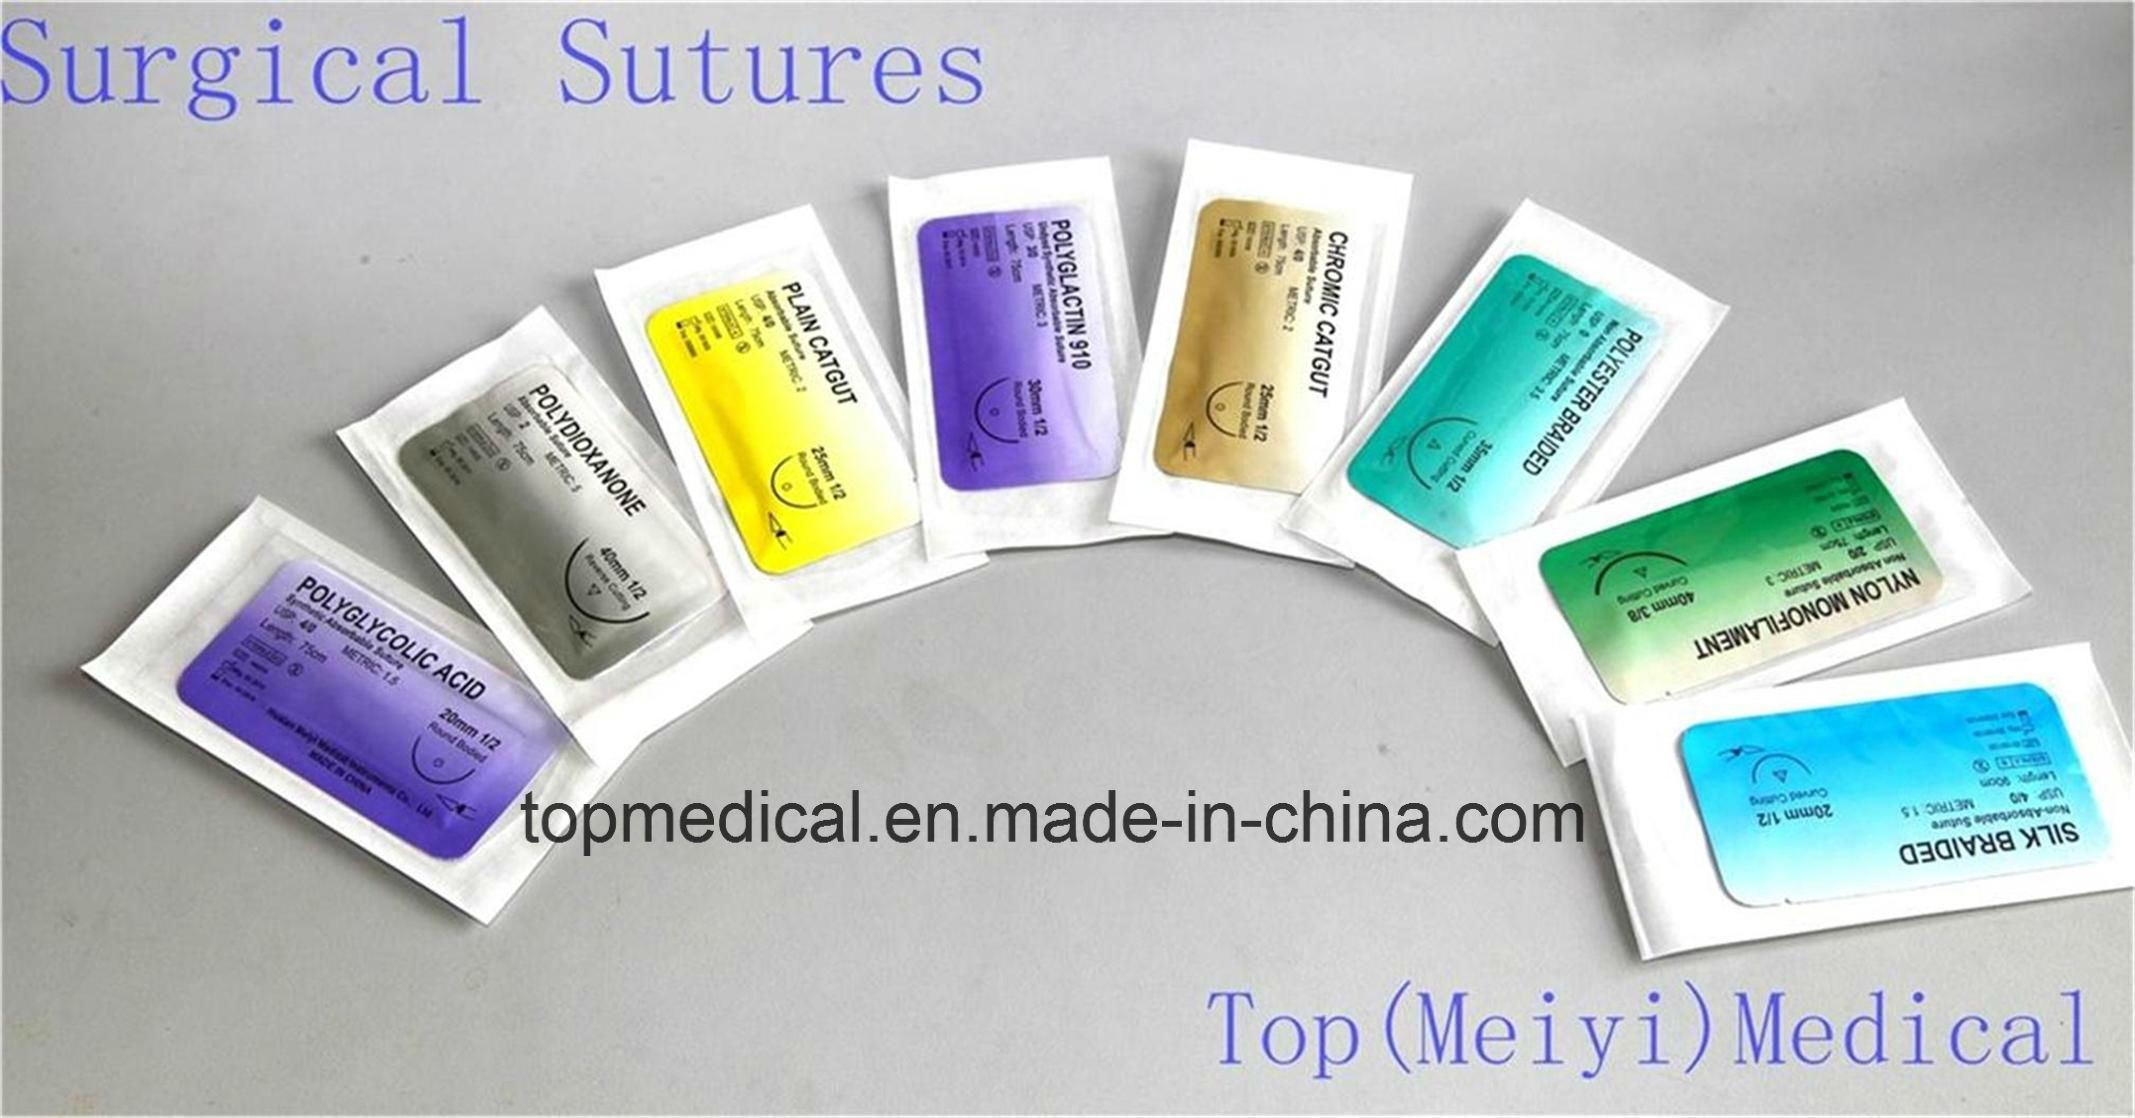 Surgical Needle Surgical Suture Surgical Suture with Needle